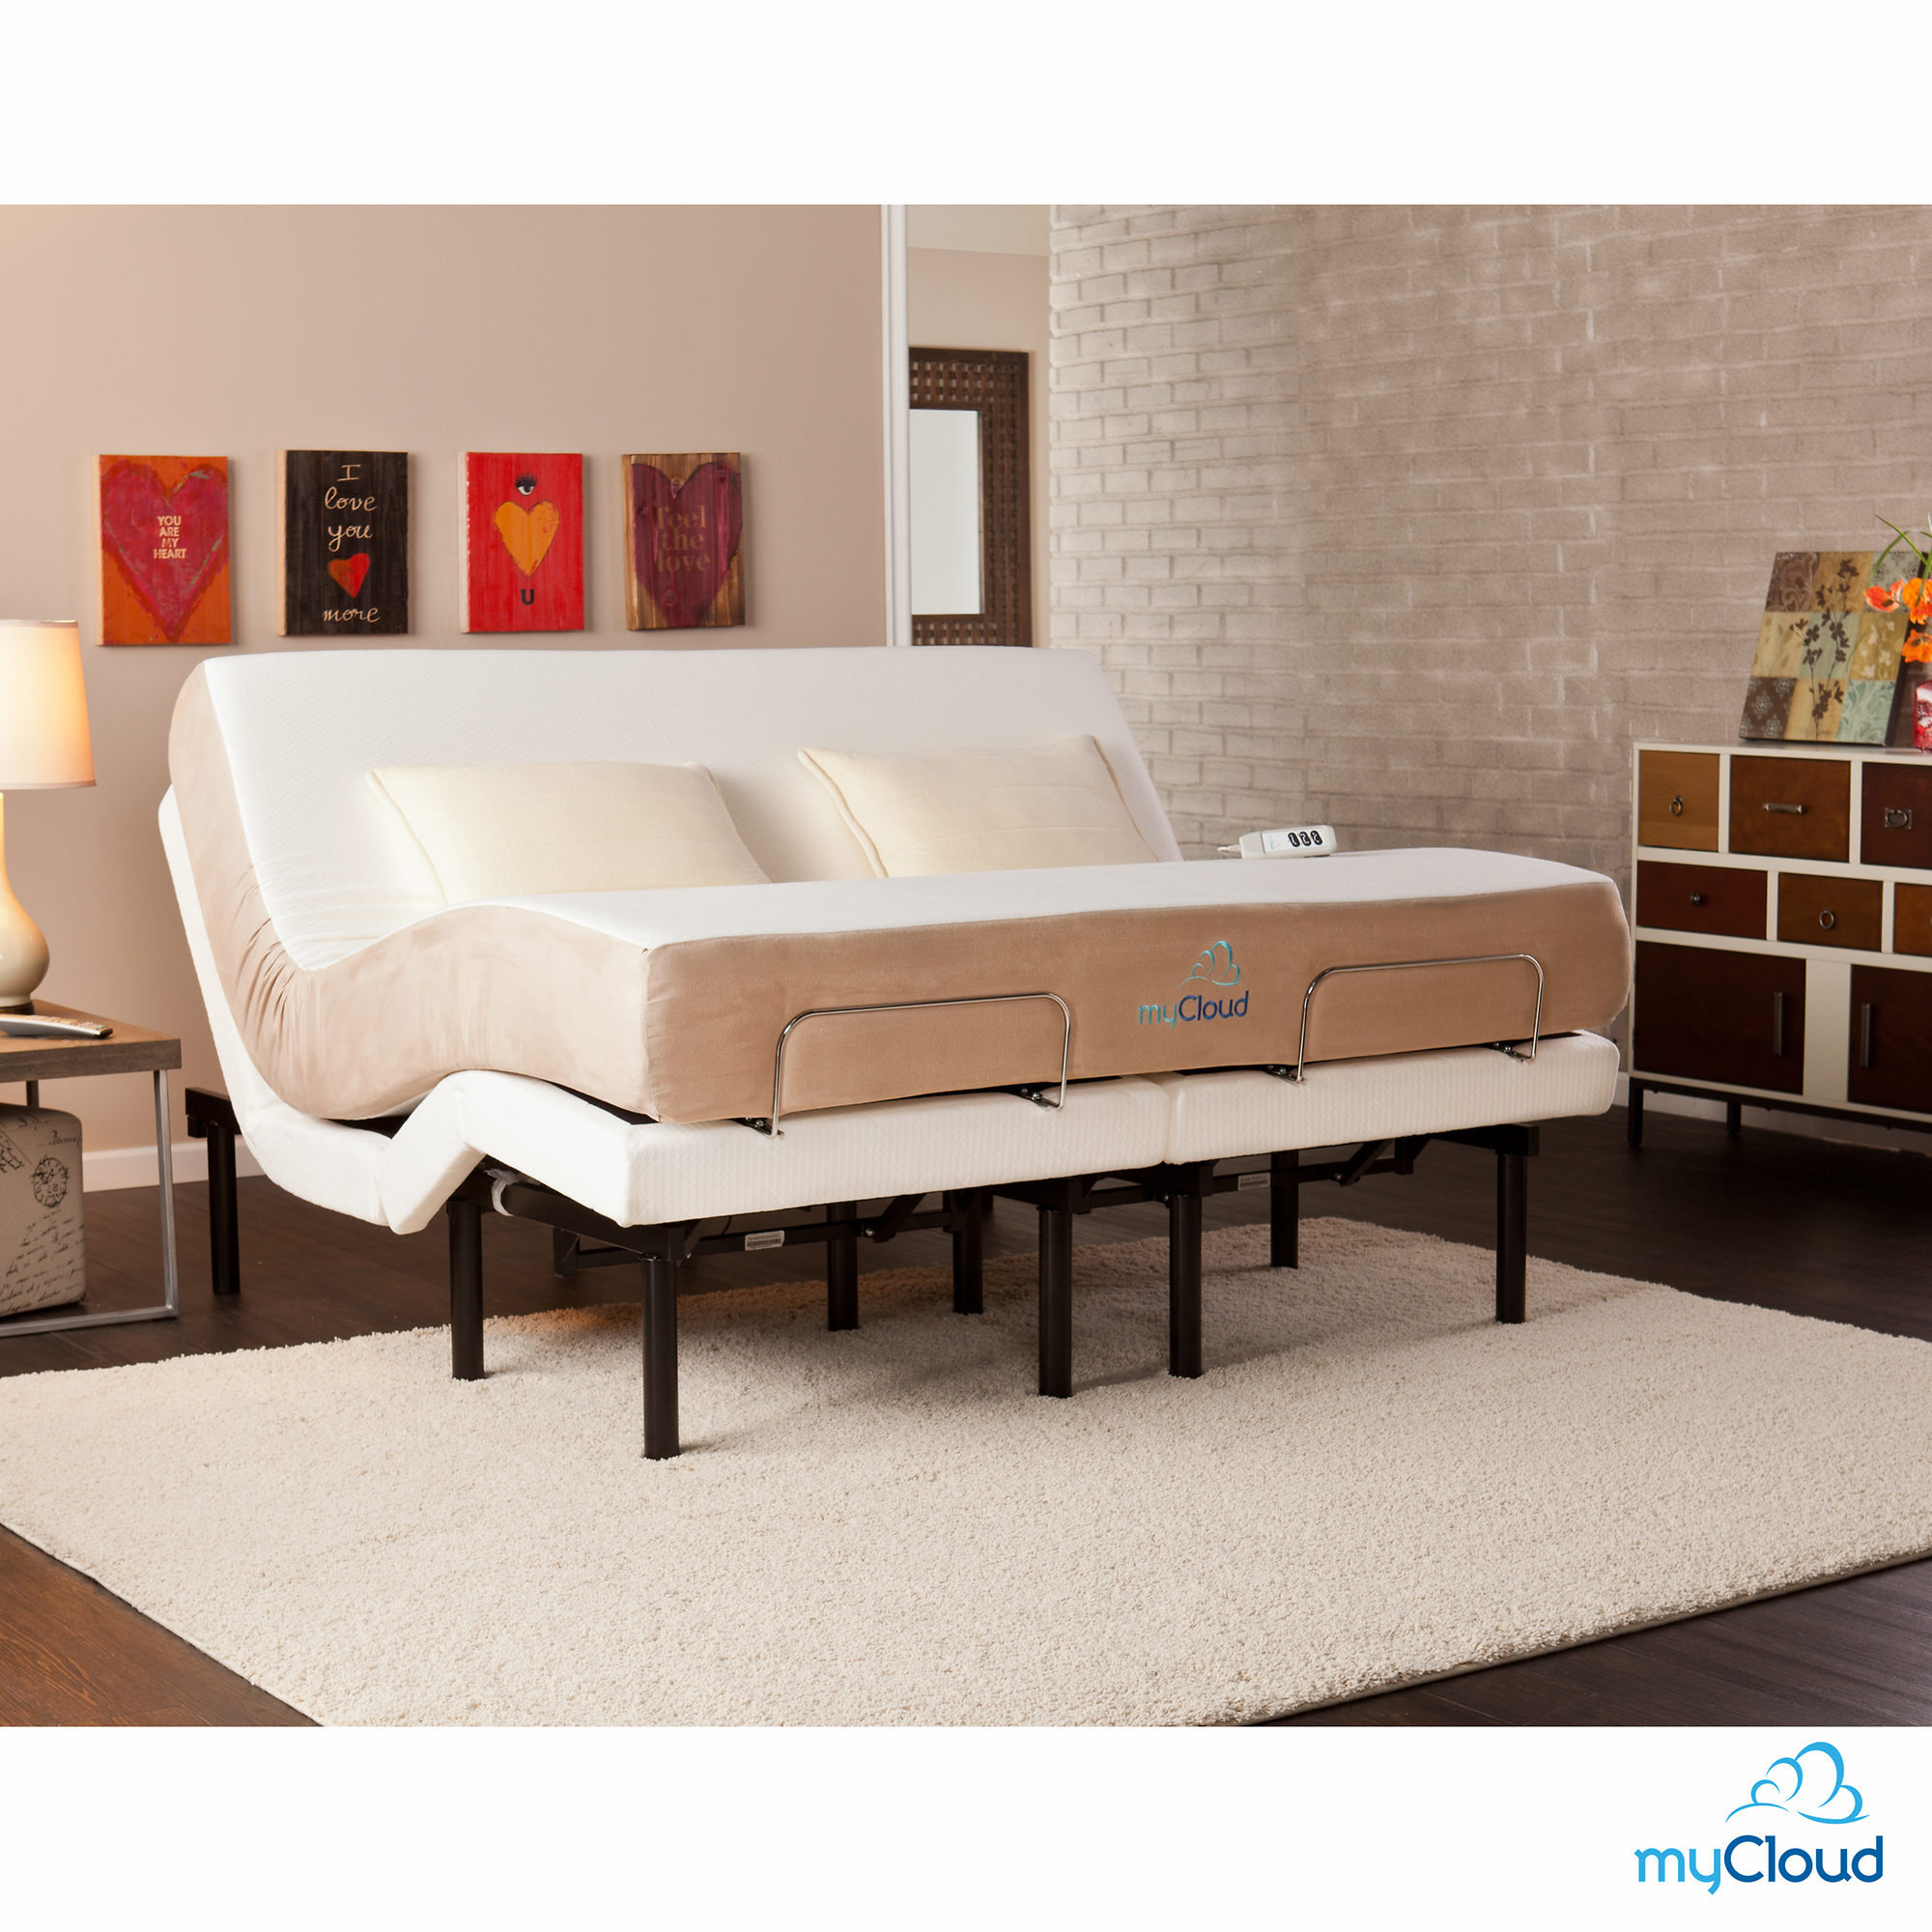 Mycloud Adjustable King Bed Frame